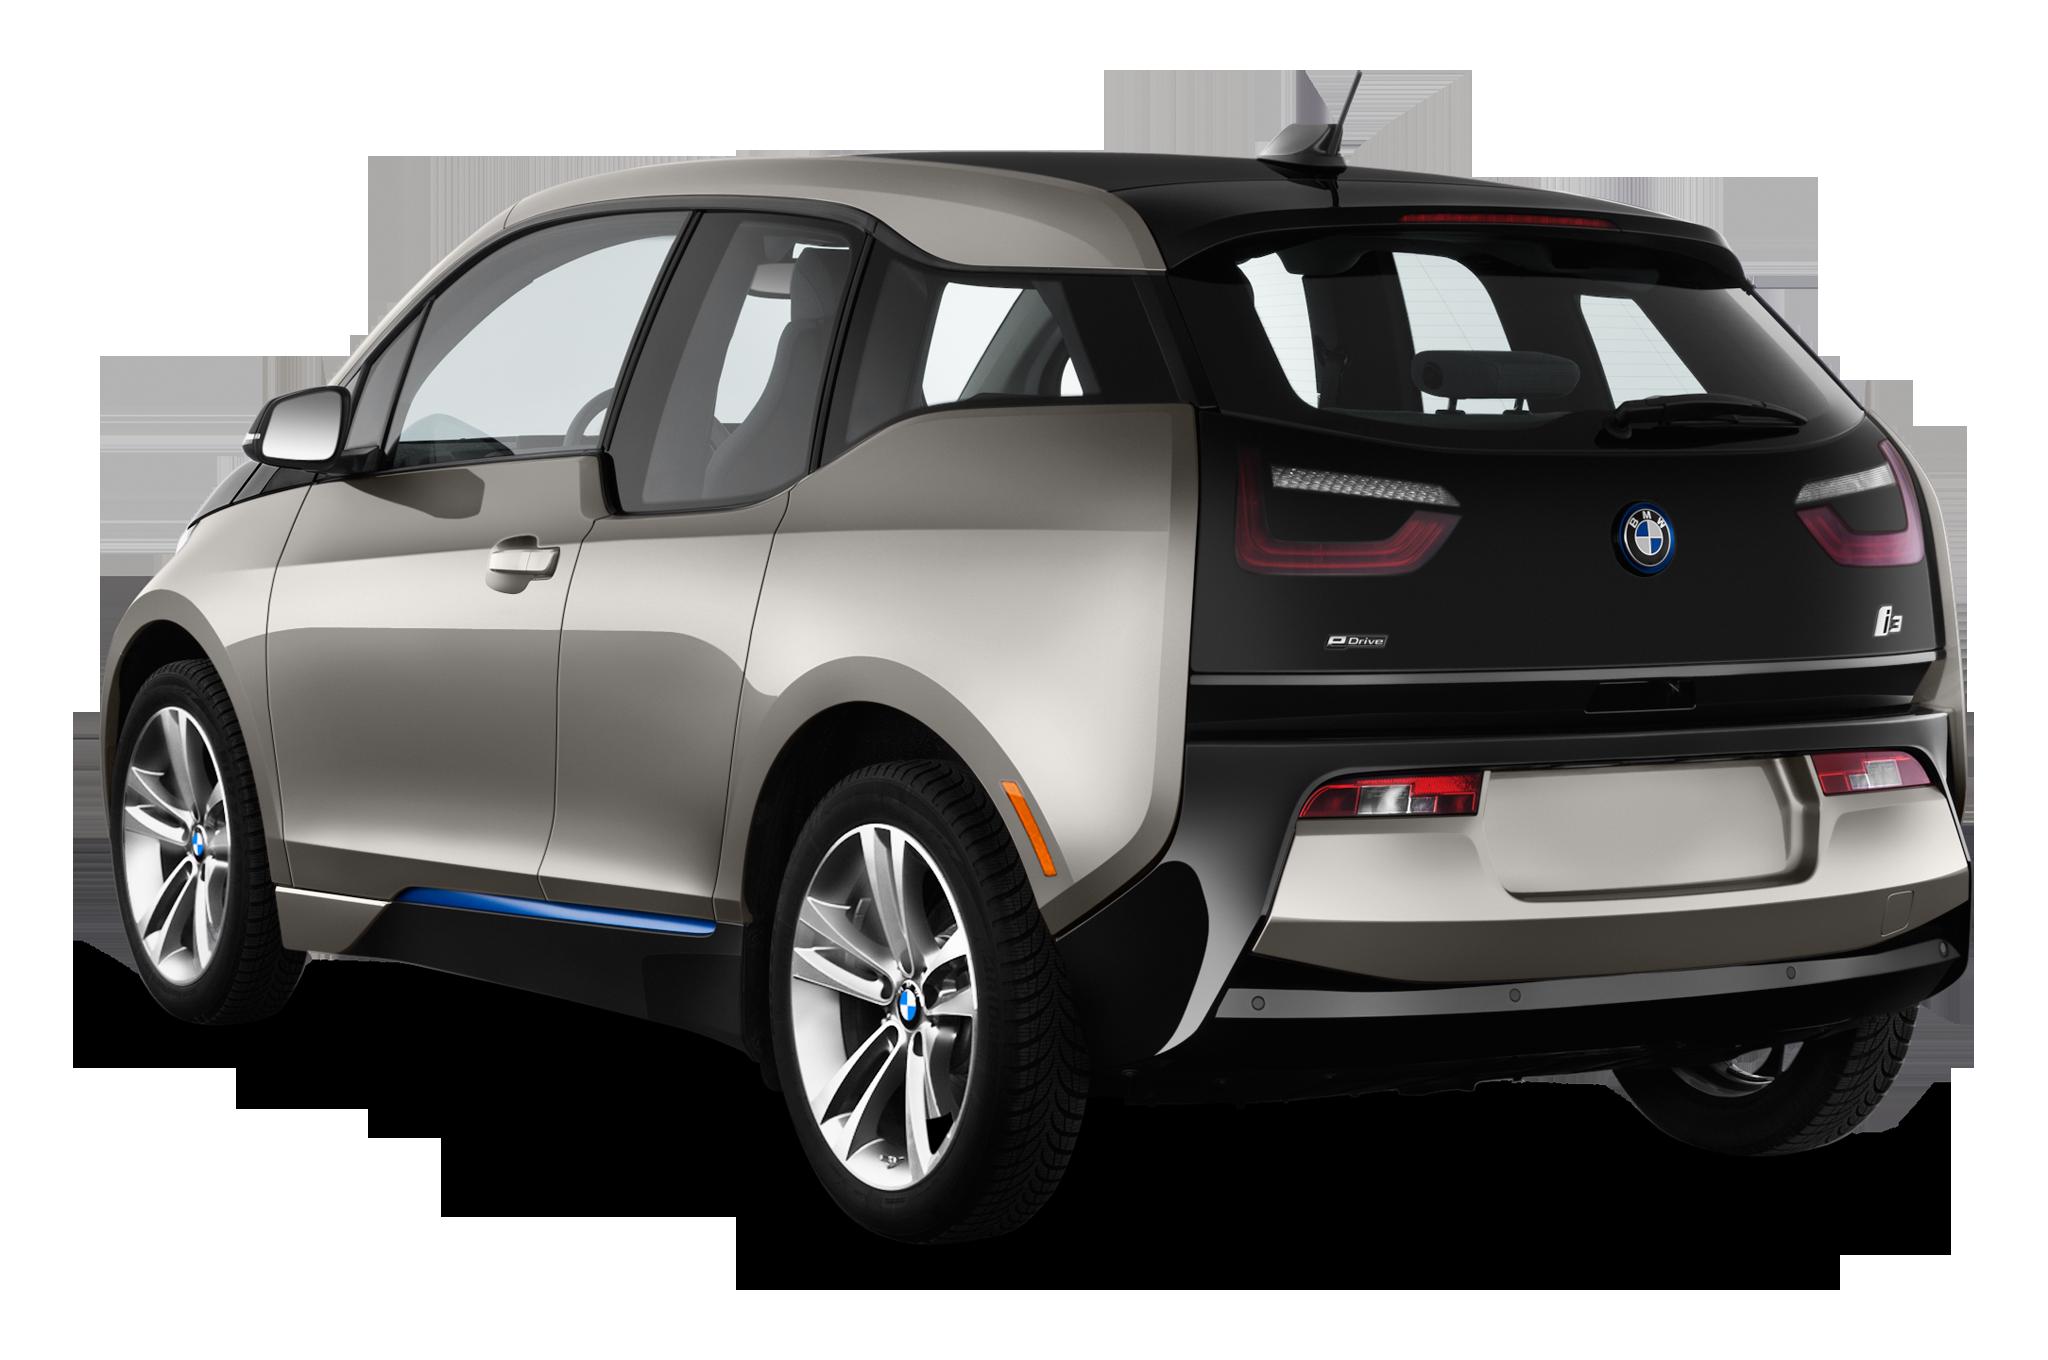 One Week With 2016 BMW I3 REx